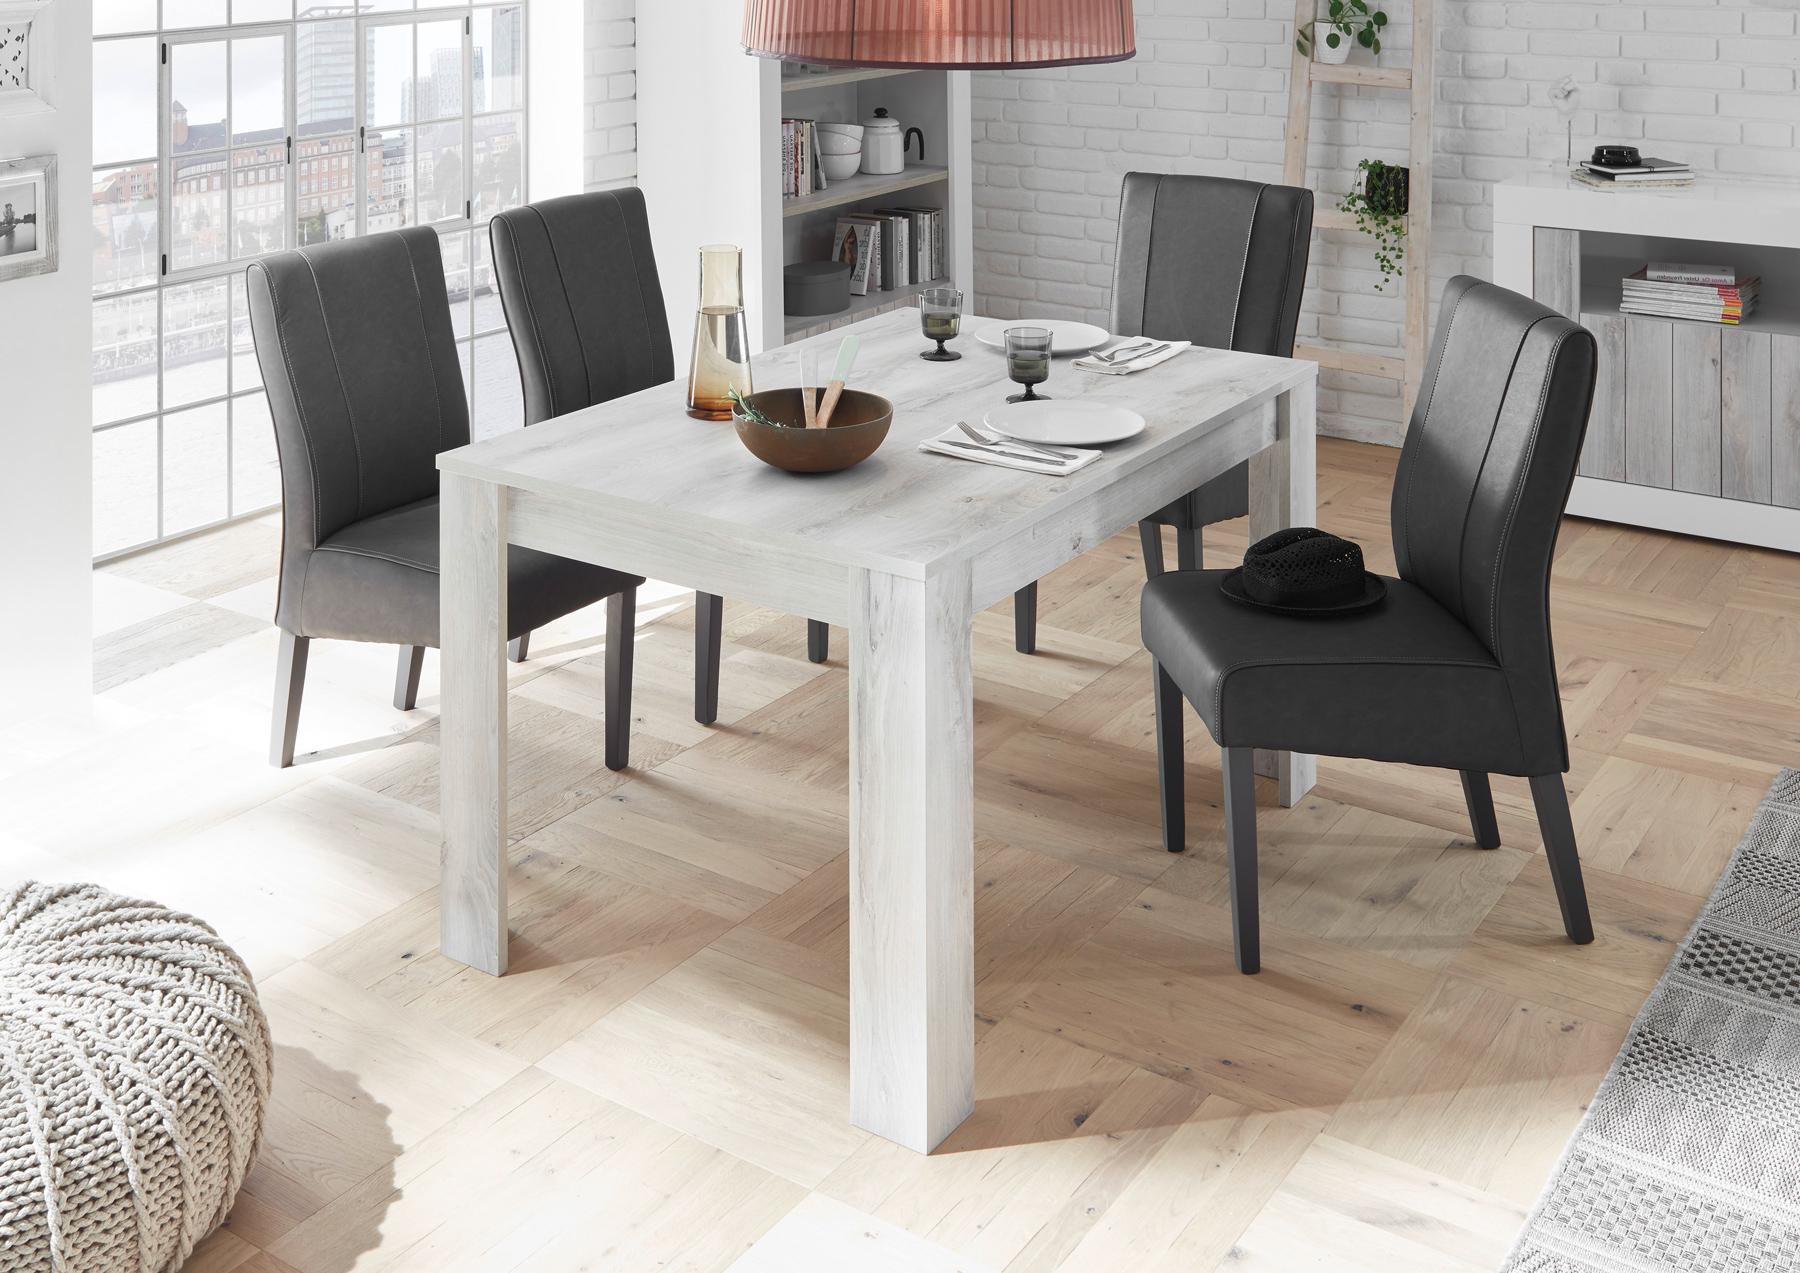 Full Size of Esstisch Tisch 137 90 Cm Pinie Weiss Binoco8 Designermbel Esstische Massiv Moderne Design Deckenleuchte Wohnzimmer Holz Runde Designer Massivholz Ausziehbar Esstische Moderne Esstische